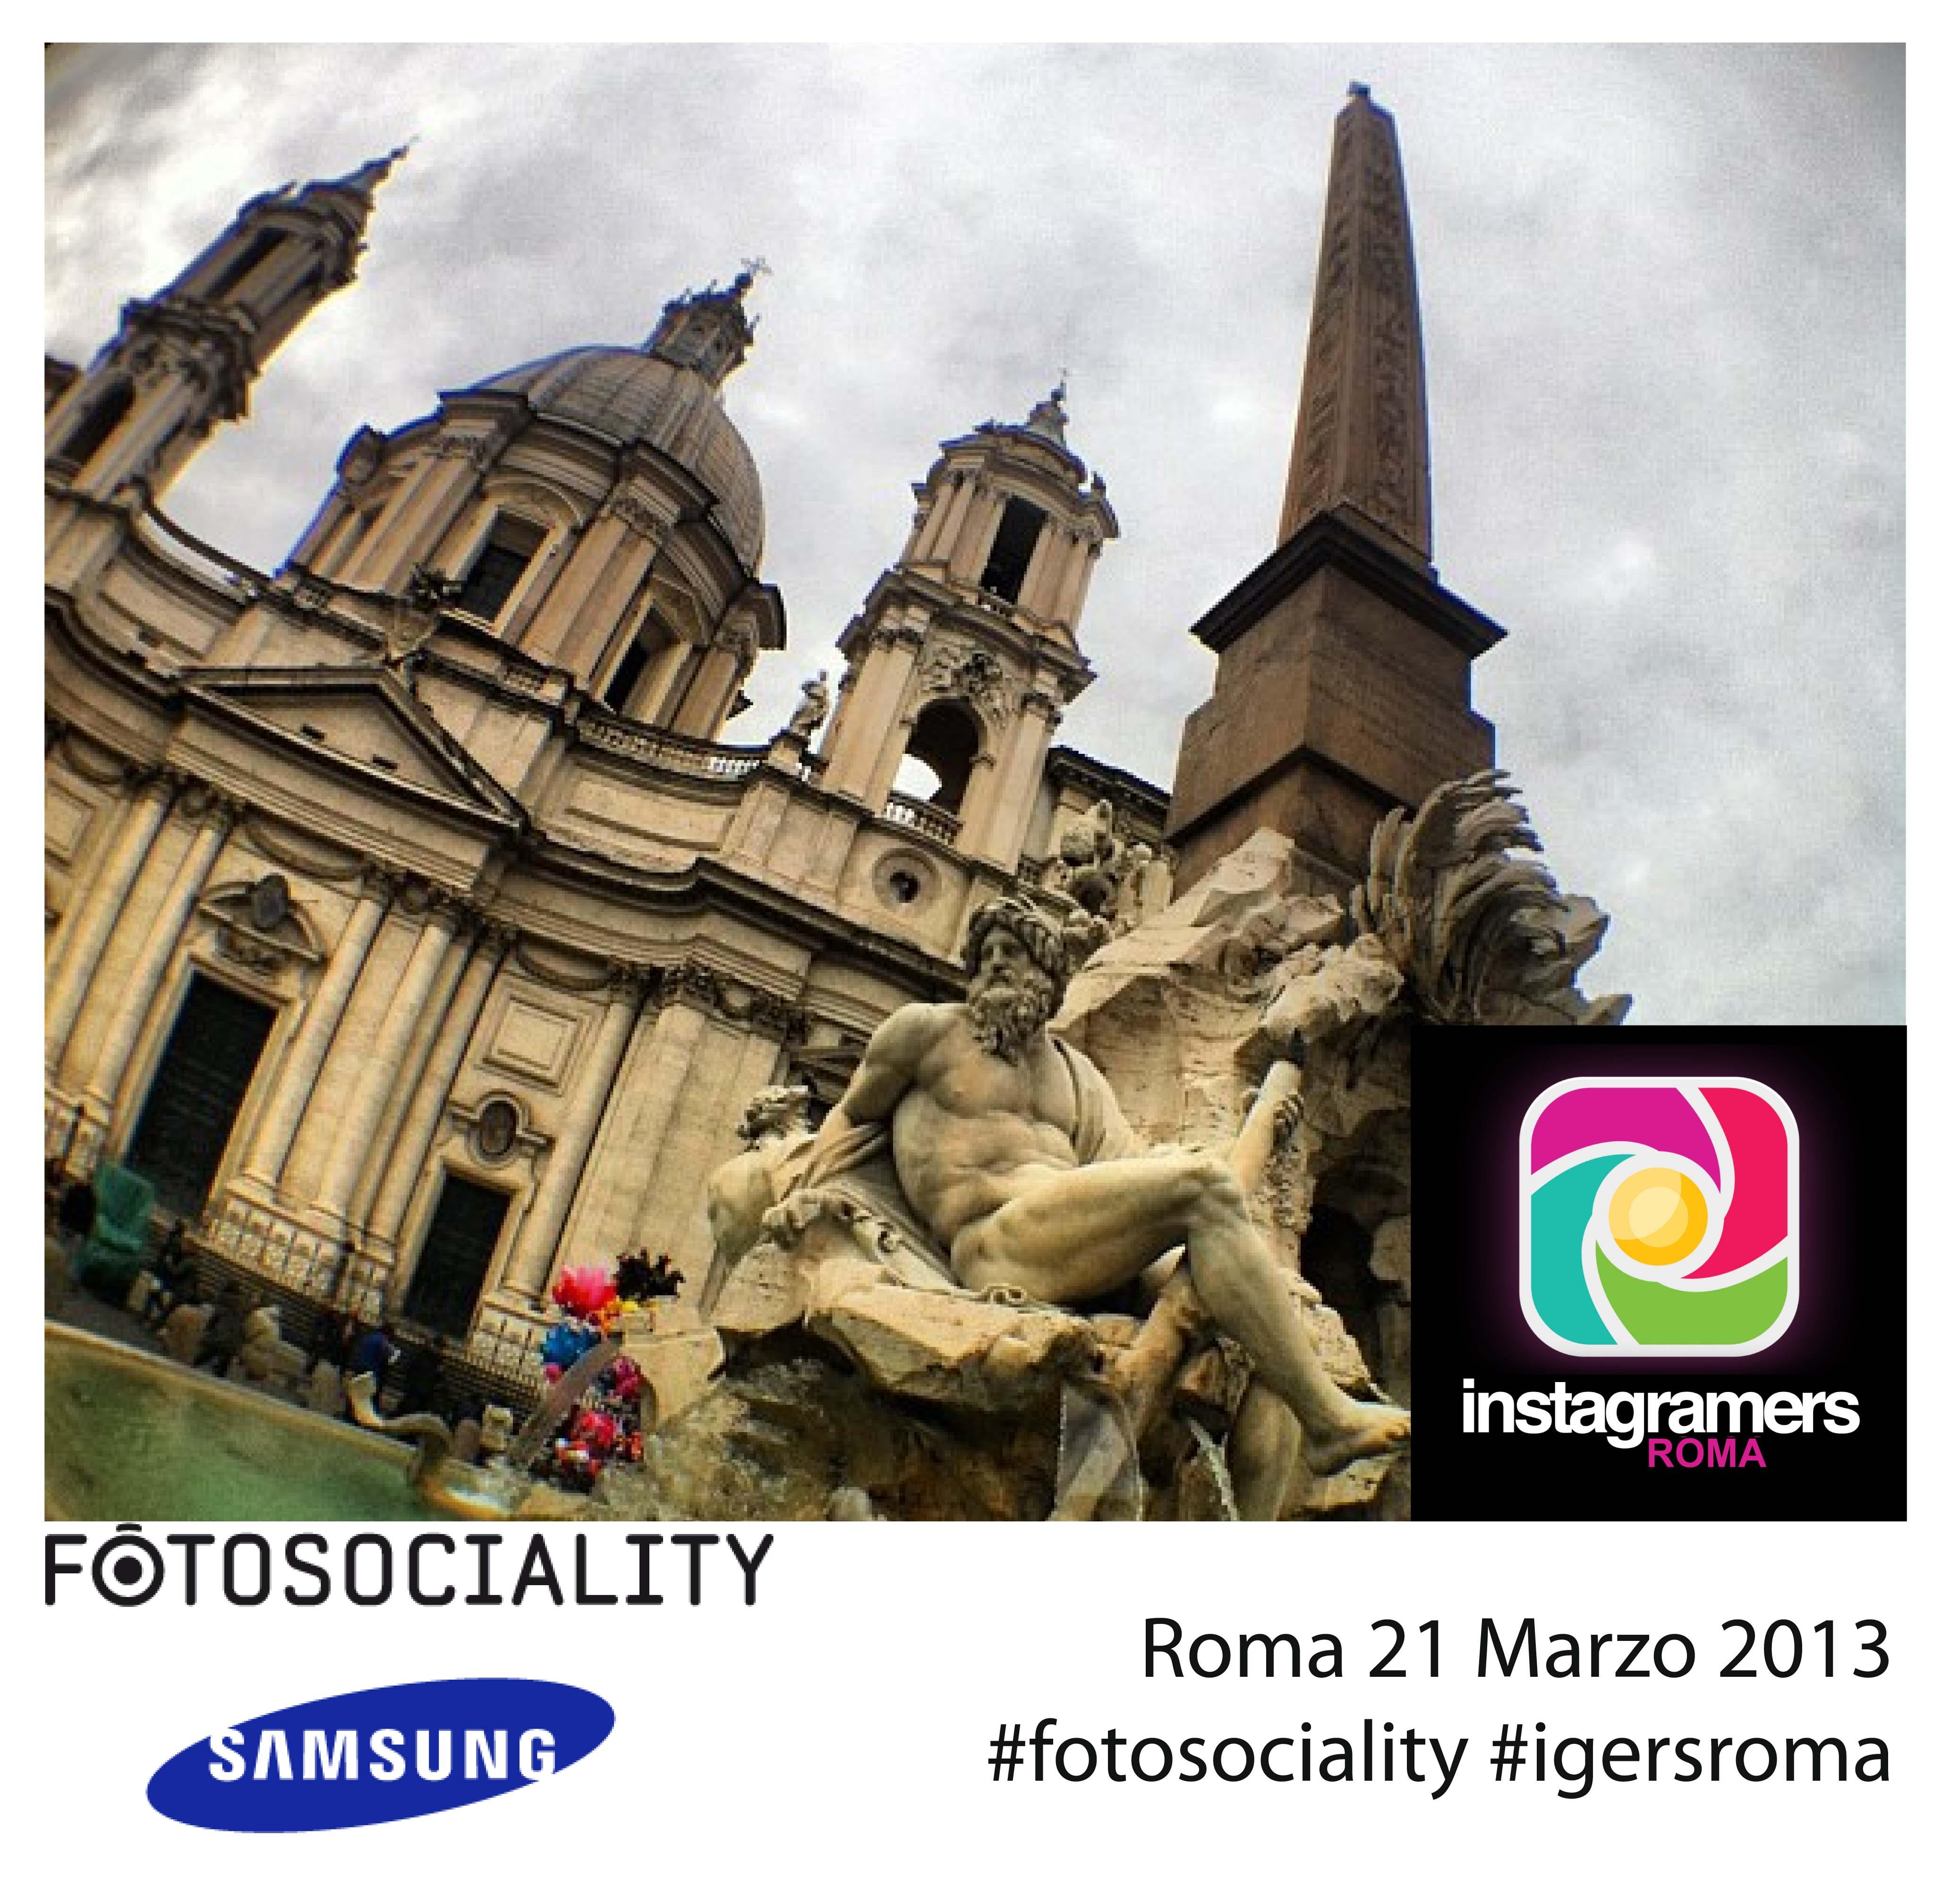 Gli Instagramers per Fotosociality: ecco le 9 Insta-tappe in Italia!